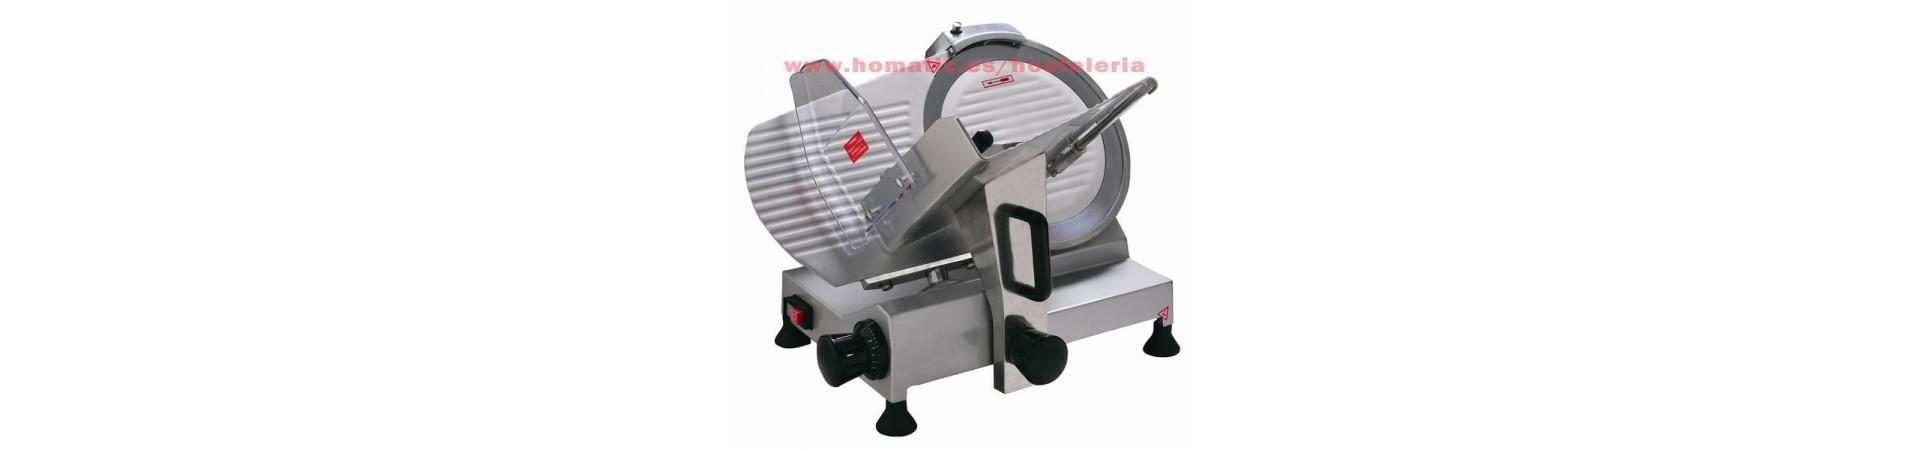 Cortafiambres o cortadora de embutidos profesionales, online con garantía y envío rápido.